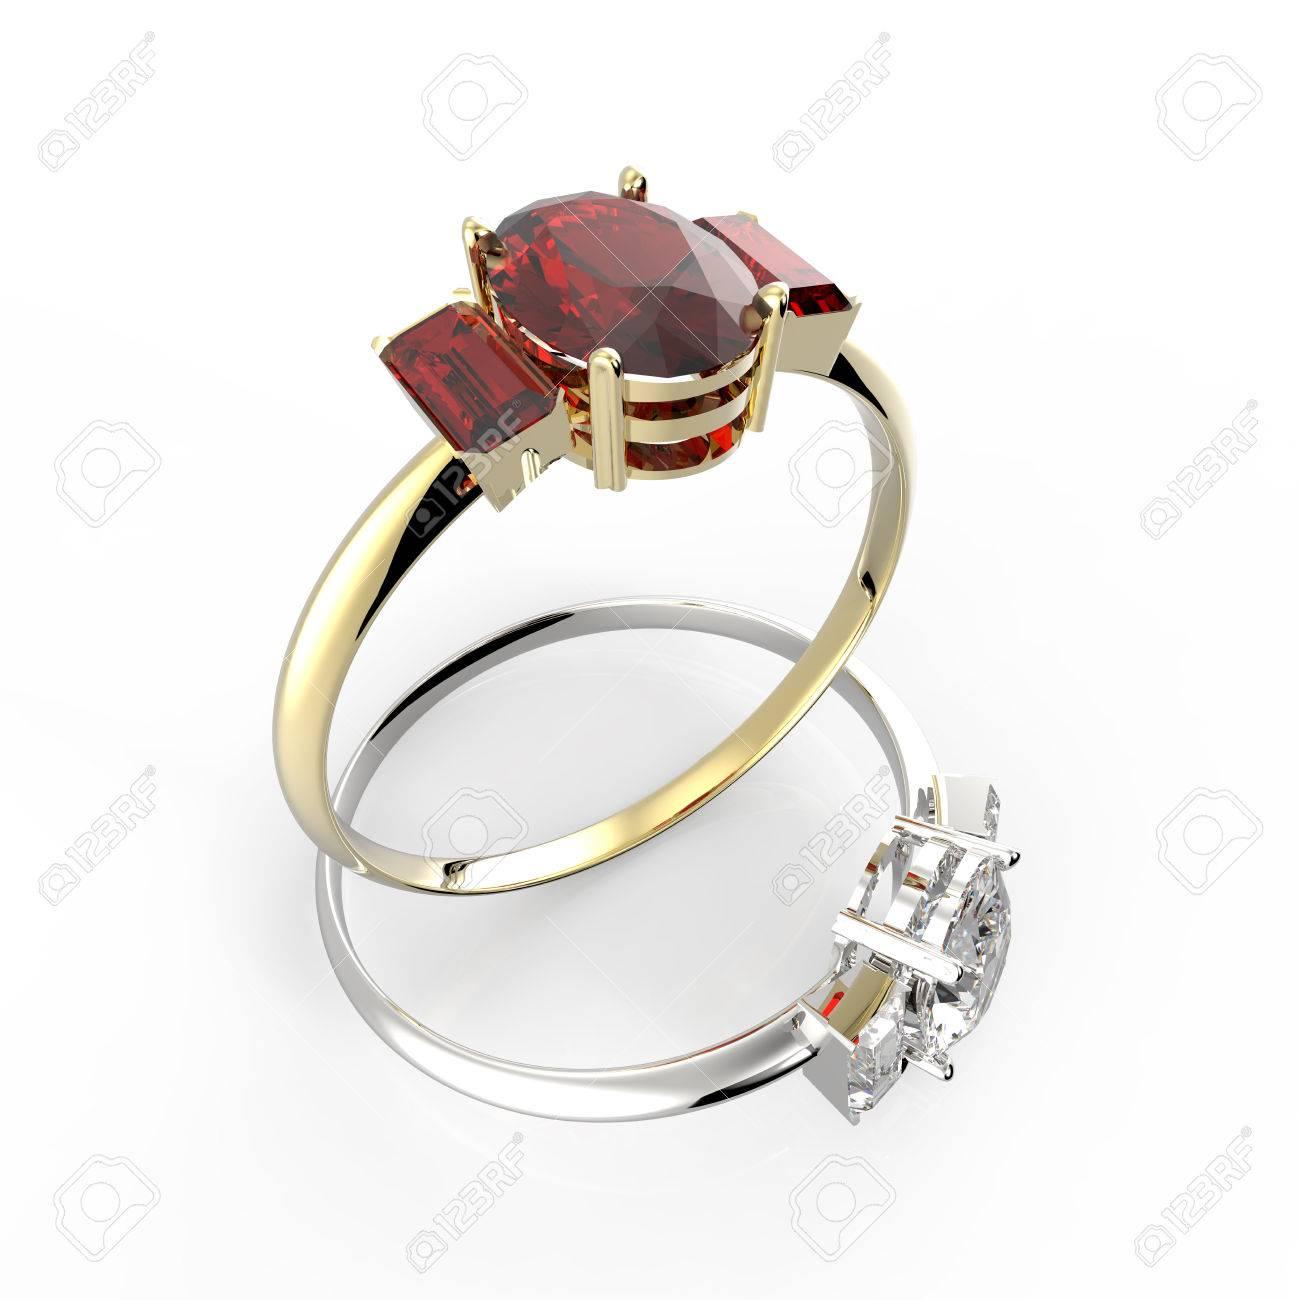 Les Anneaux De Mariage Avec Des Diamants Sur Un Fond Noir Bijoux De Mode 3d Illustration Numériquement Rendu